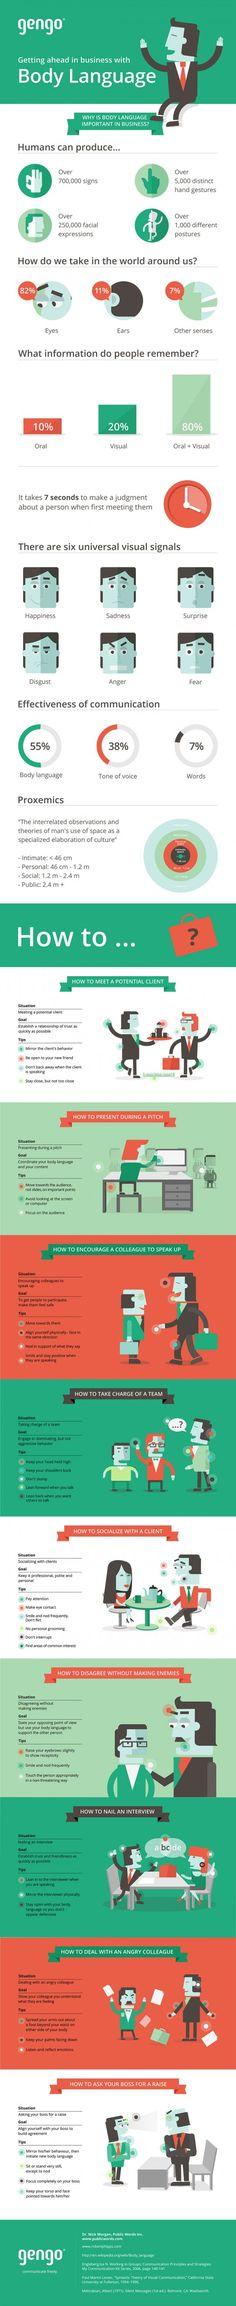 Aprenda a usar a linguagem corporal a favor de seus negócios.